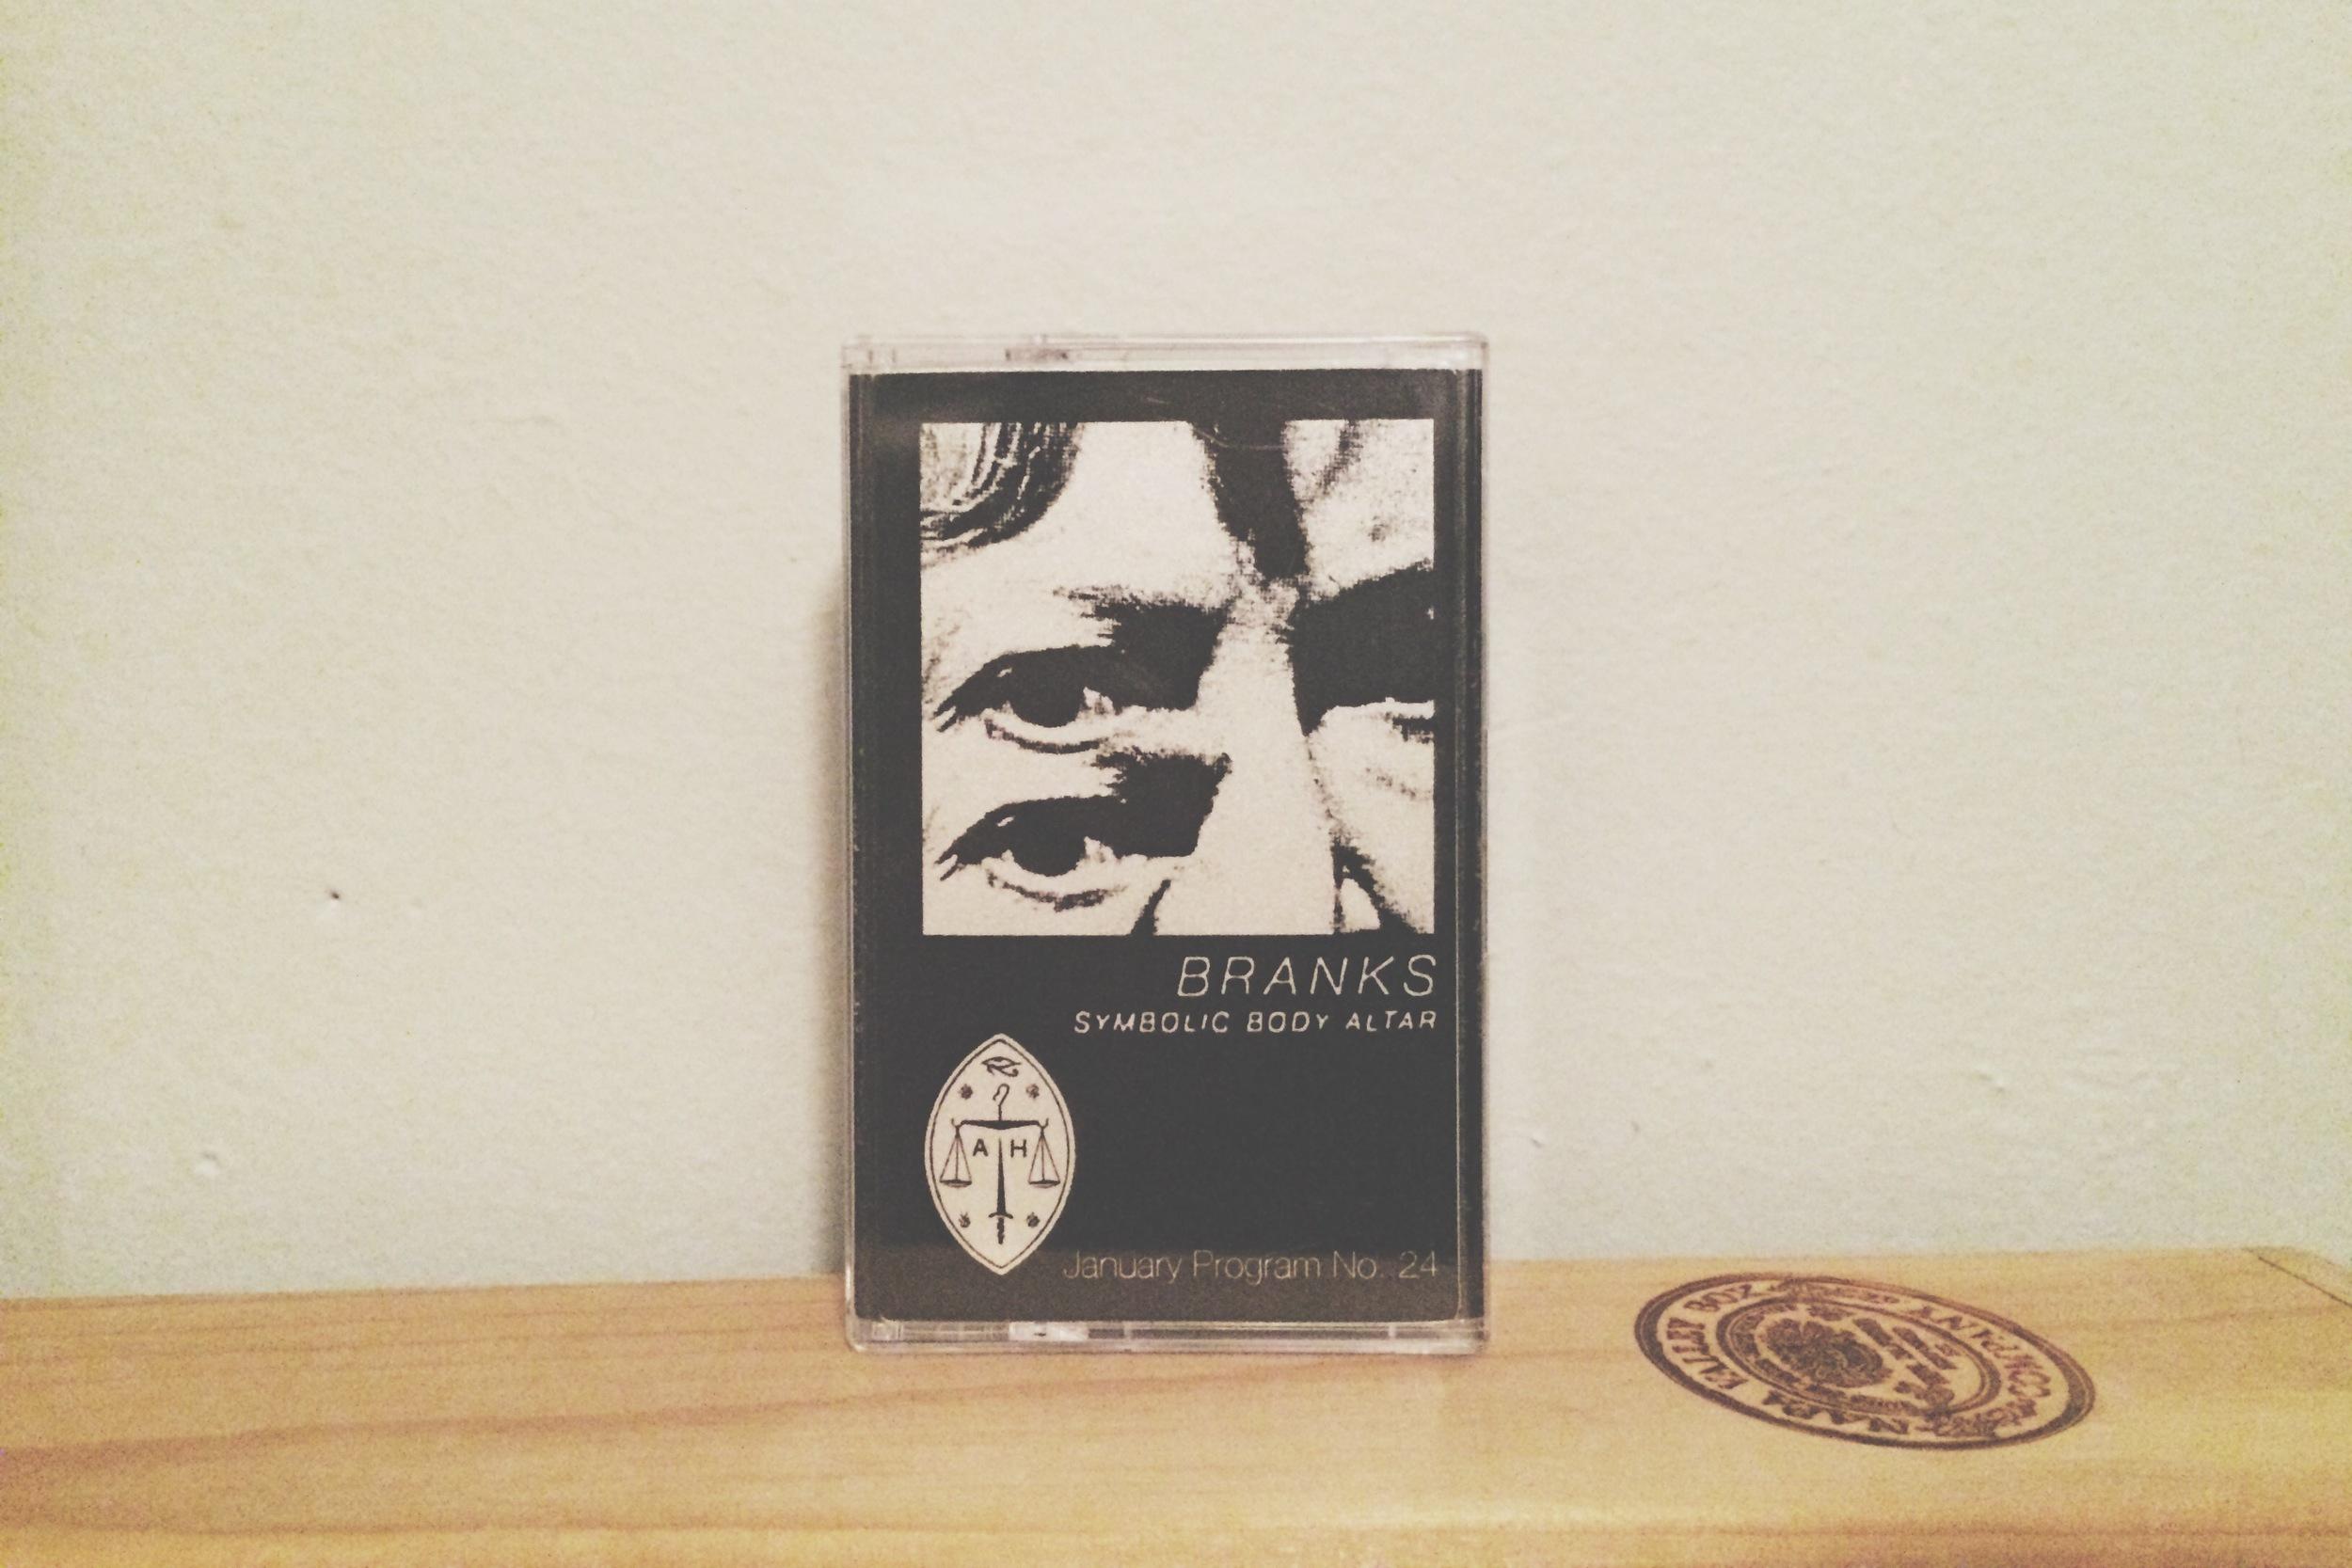 3 01. Branks - Symbolic Body Altar.jpg